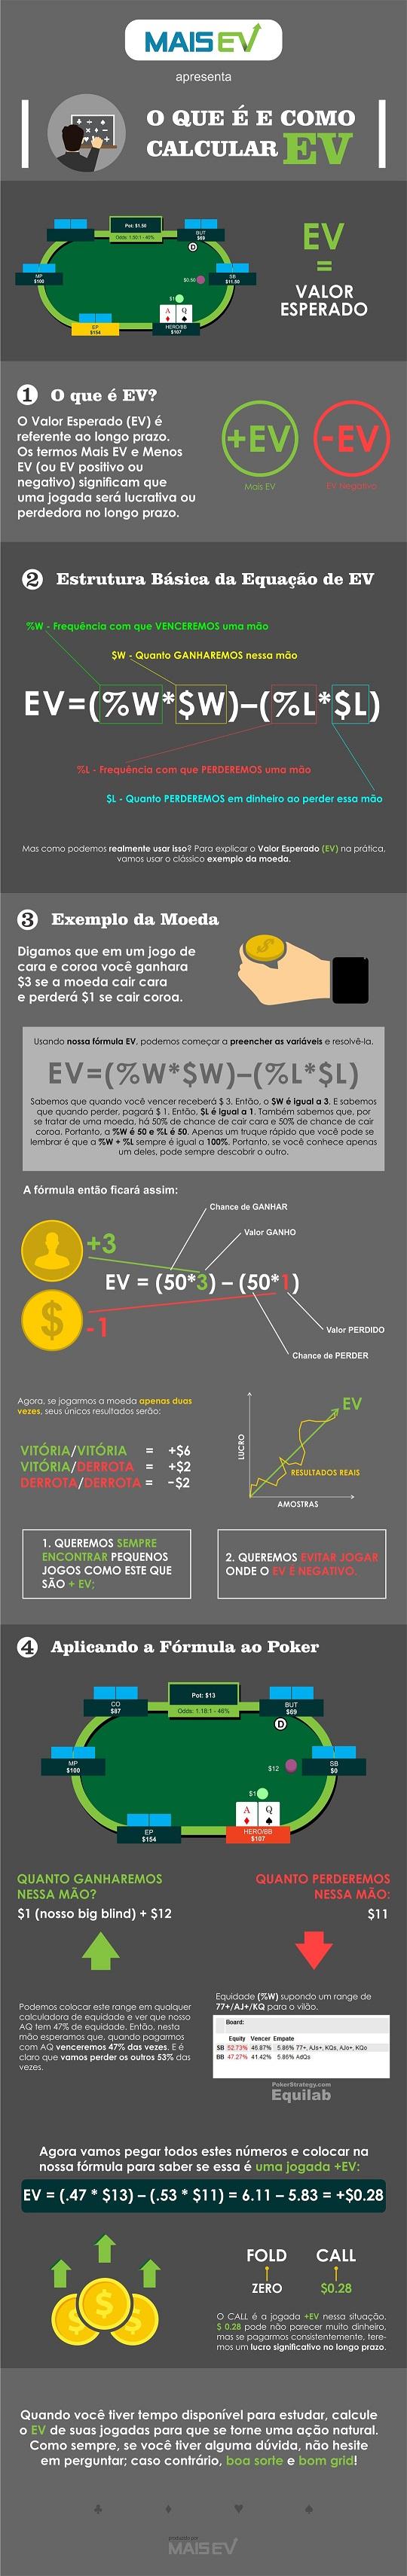 infografico_valor esperado_ev